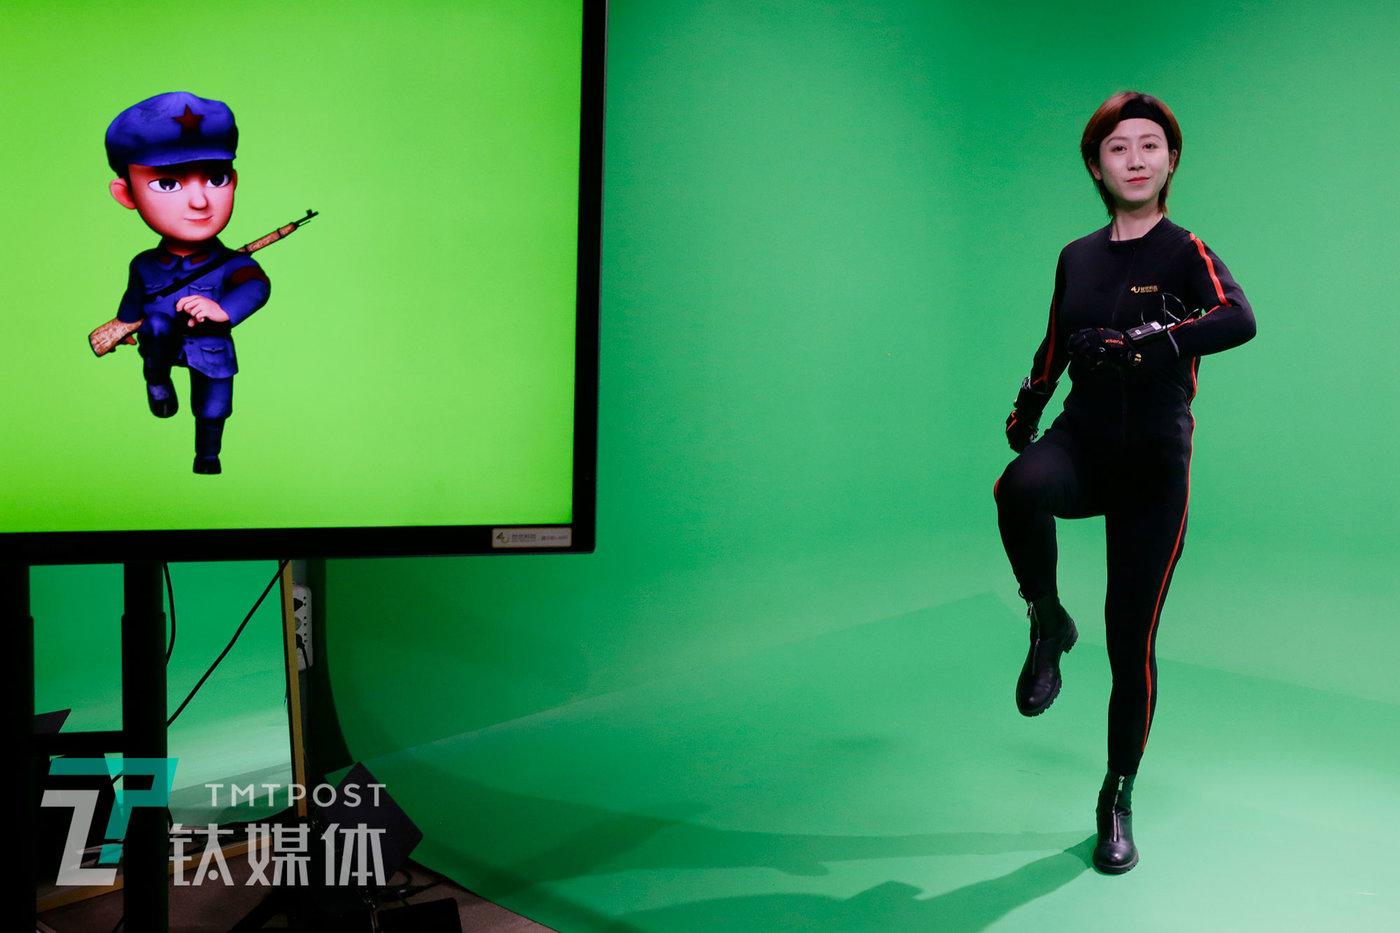 莫妮卡和她扮演的小红军角色。